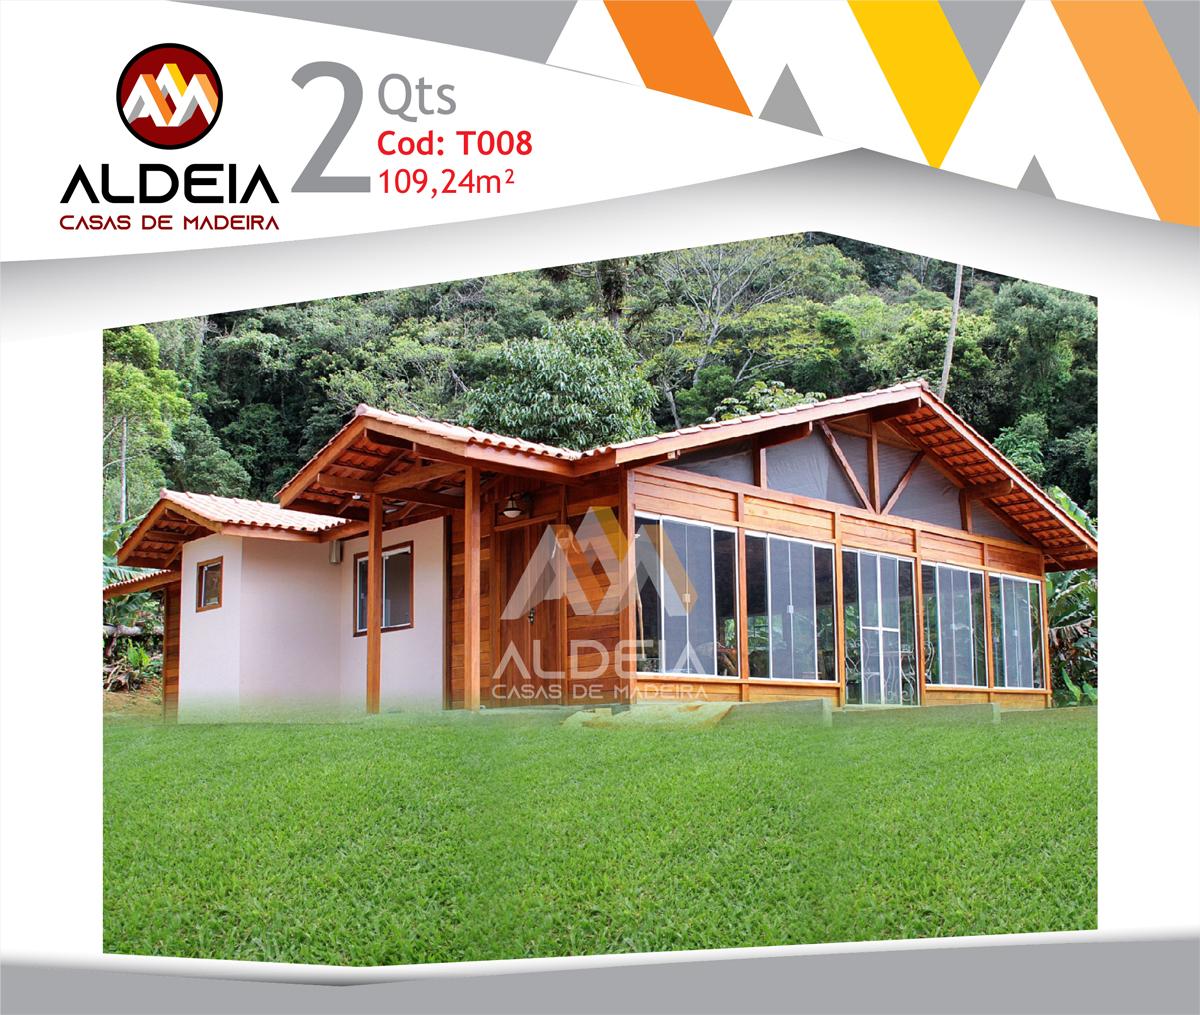 aldeia-casas-madeira-fachada-T008